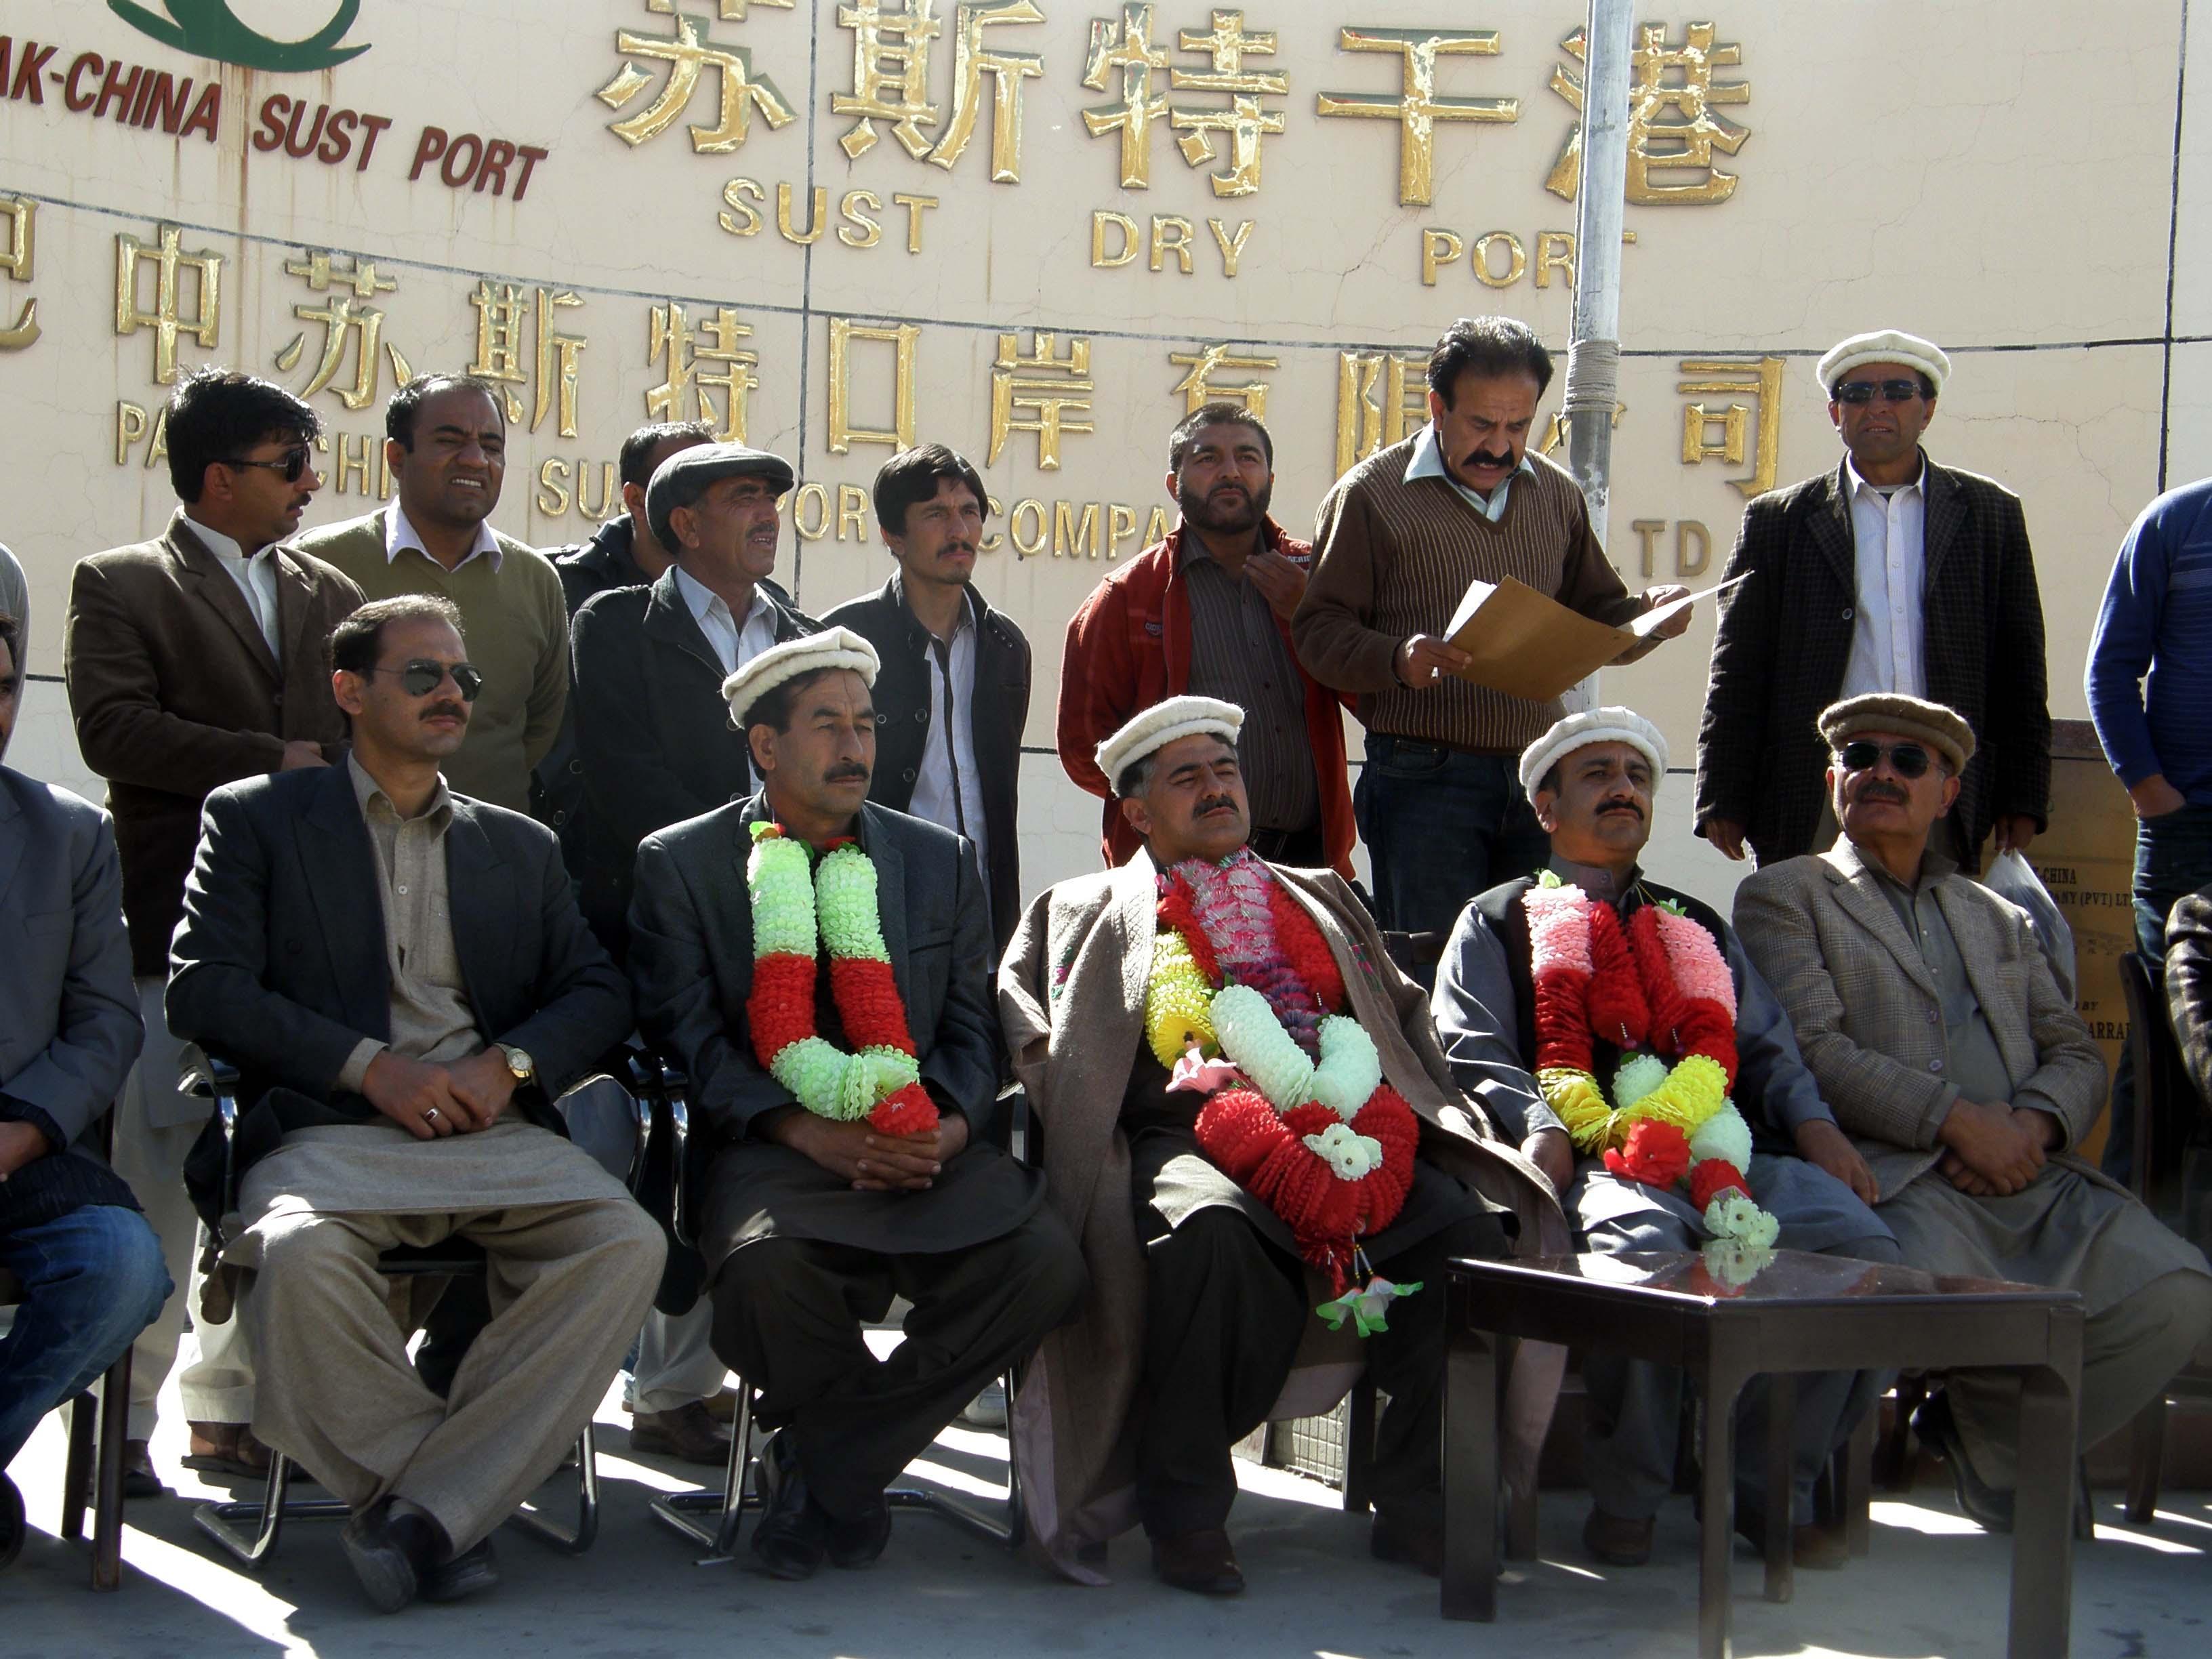 وفاقی حکومت تاجروں کے مسائل حل کرے، جاوید حسین کا مطالبہ